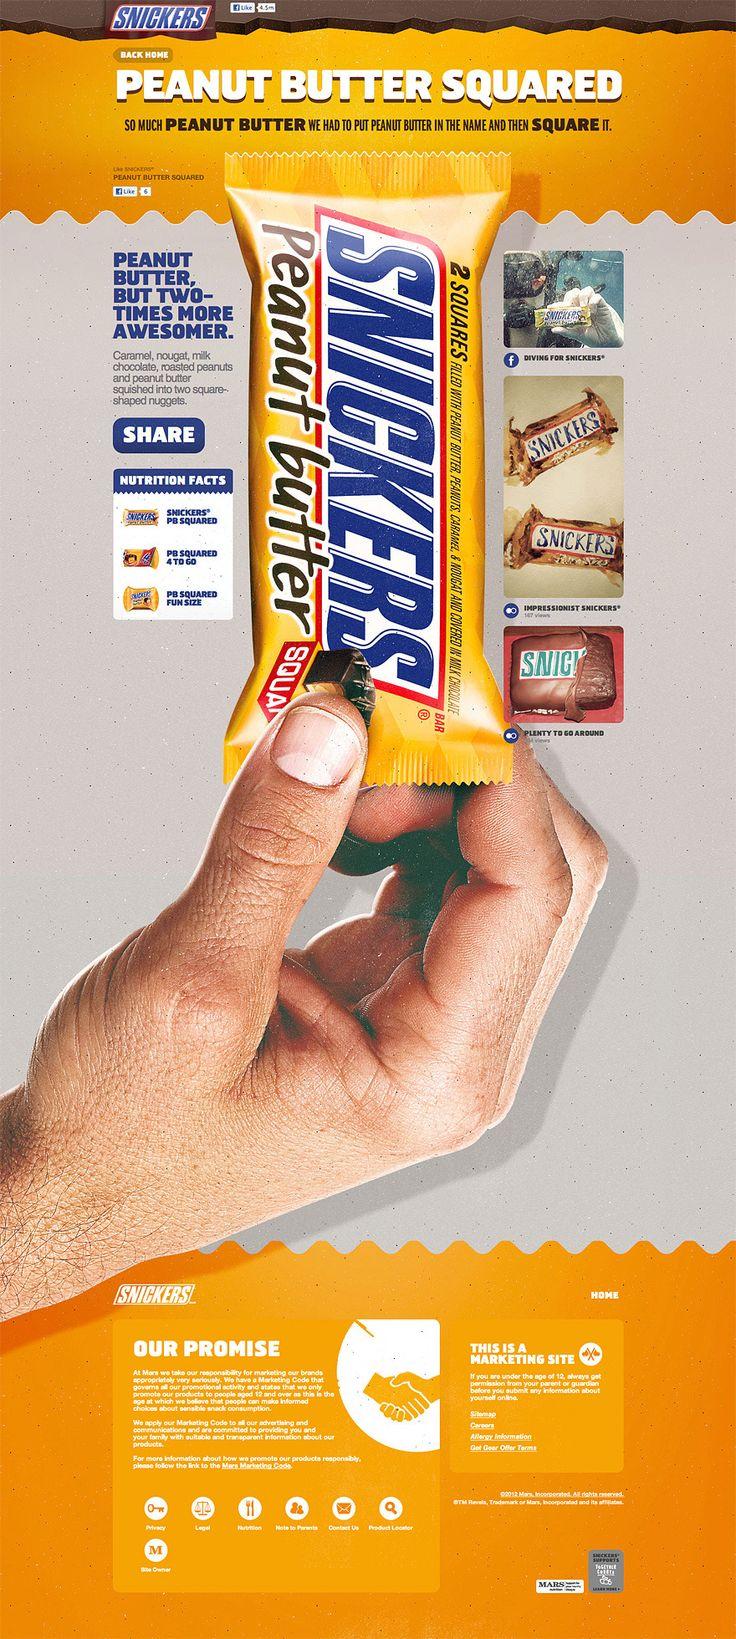 Snickers.com